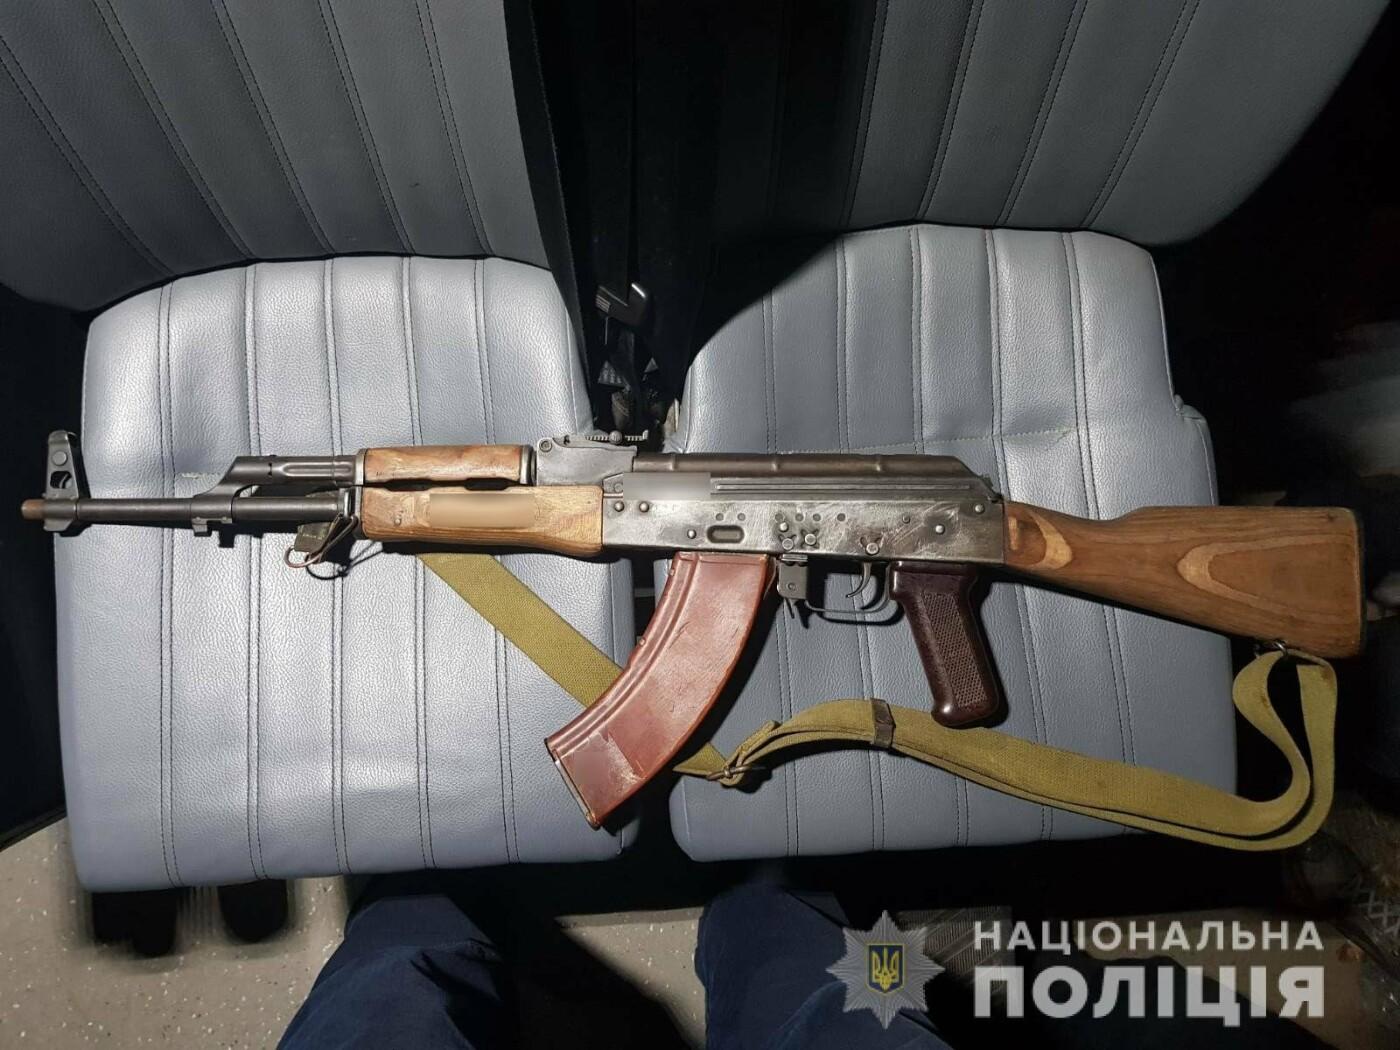 Два юноши разгуливали по Николаеву с оружием в руках, - ФОТО, фото-1